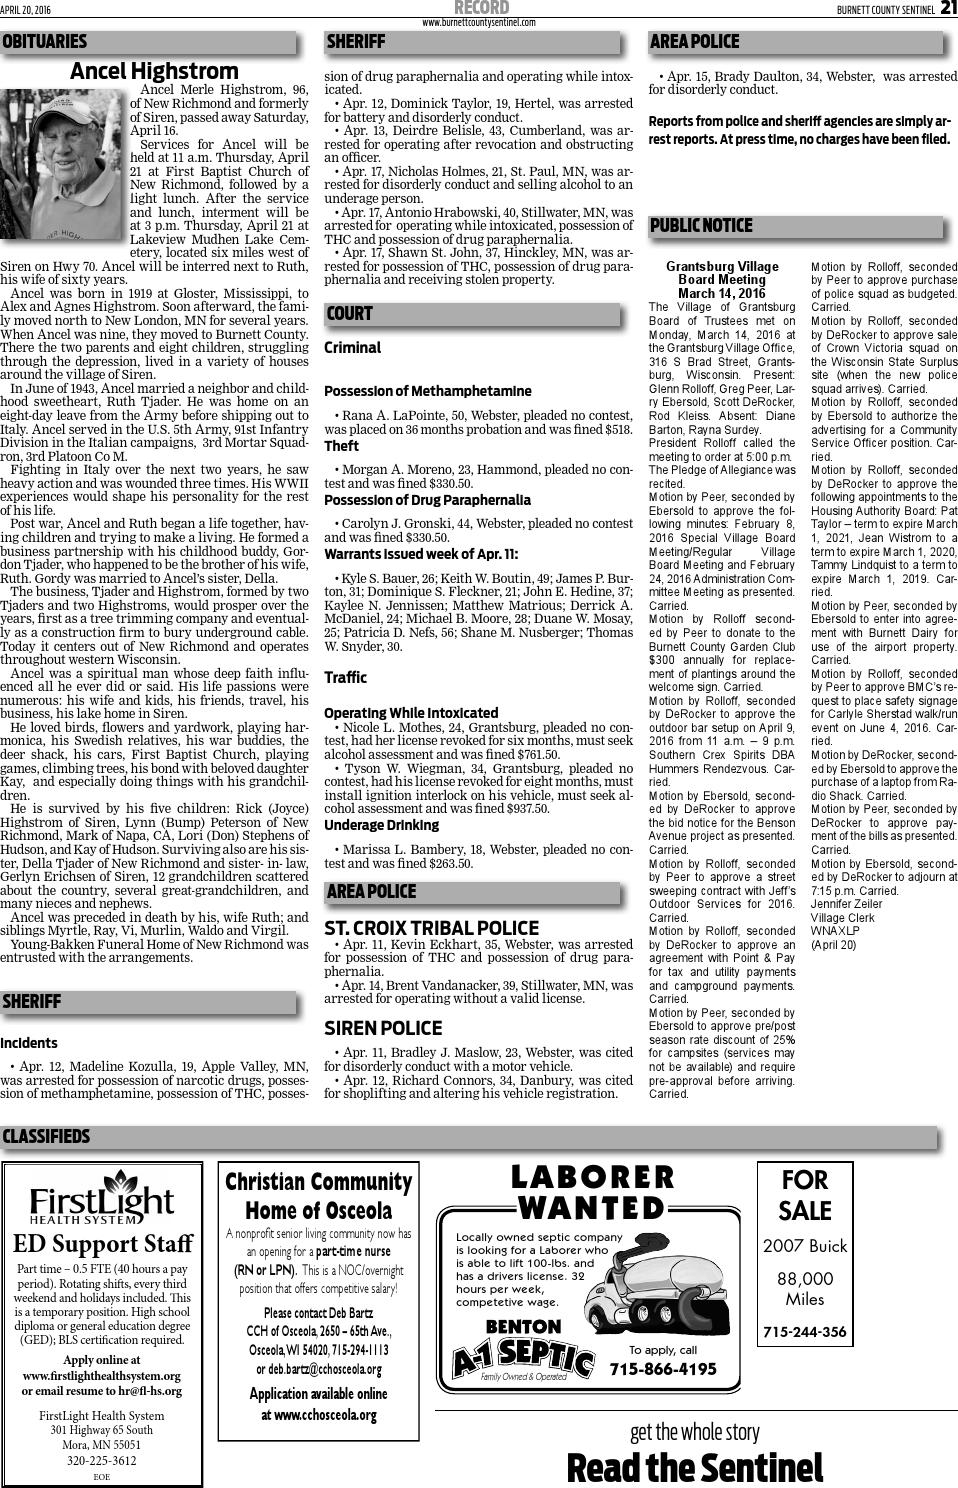 Burnett County Sentinel April 20 2016 By Burnett County Sentinel